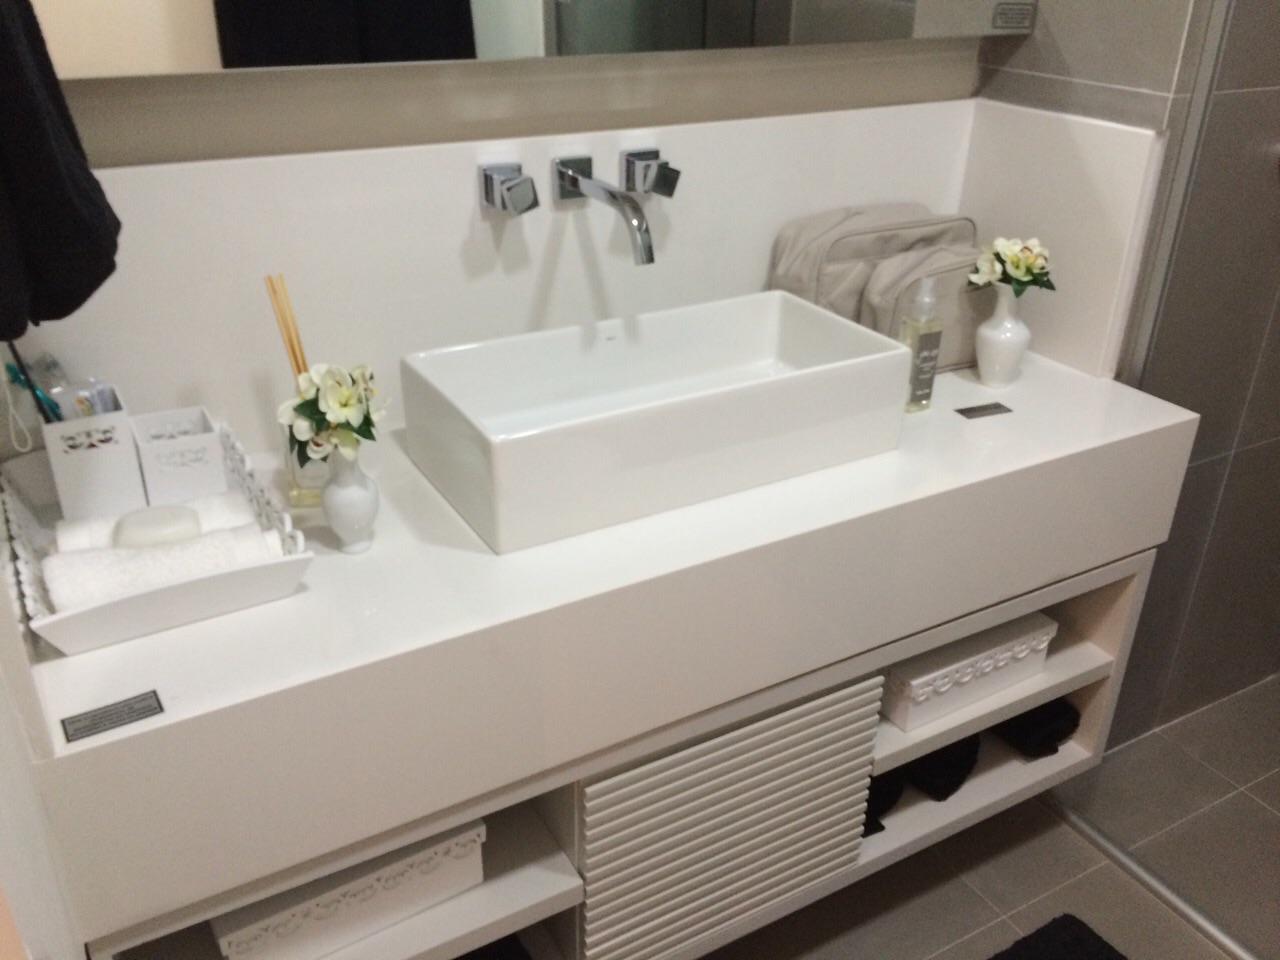 Lavatorio Para Banheiro Em Granito  cgafghanscom banheiros pequenos e modernos -> Banheiros Modernos Em Granito